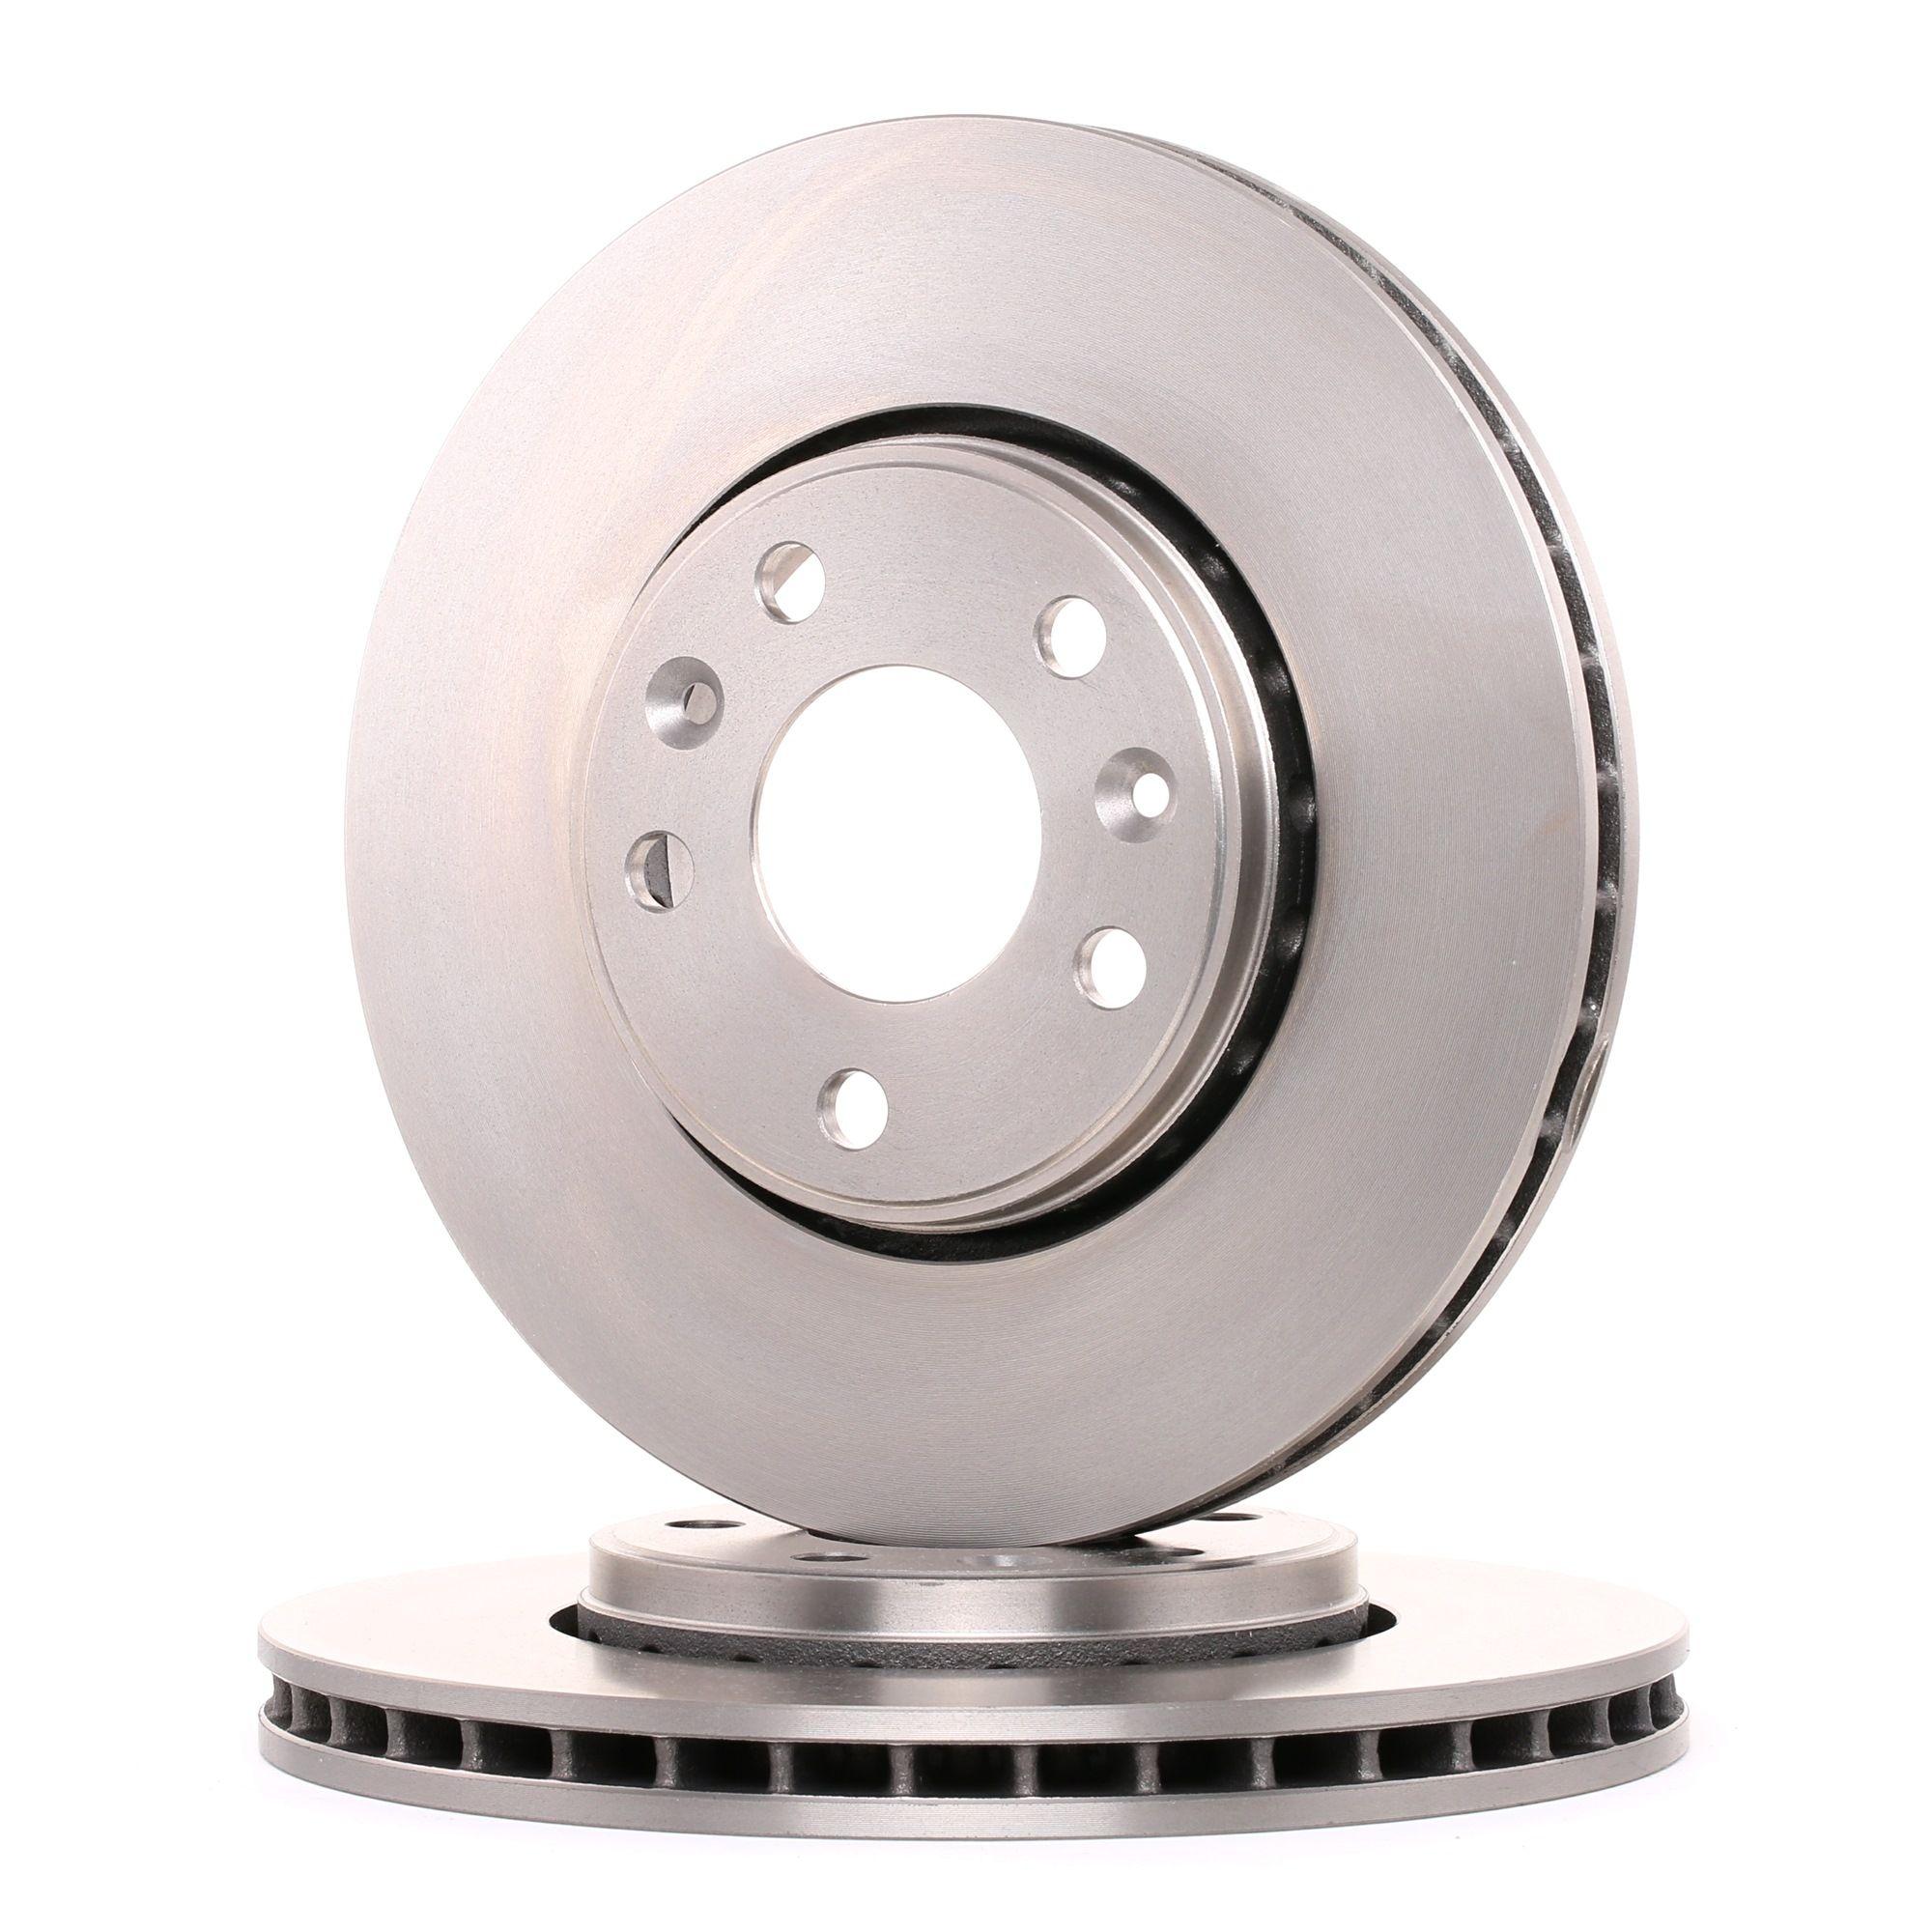 Stabdžių diskas 0 986 479 551 su puikiu BOSCH kainos/kokybės santykiu